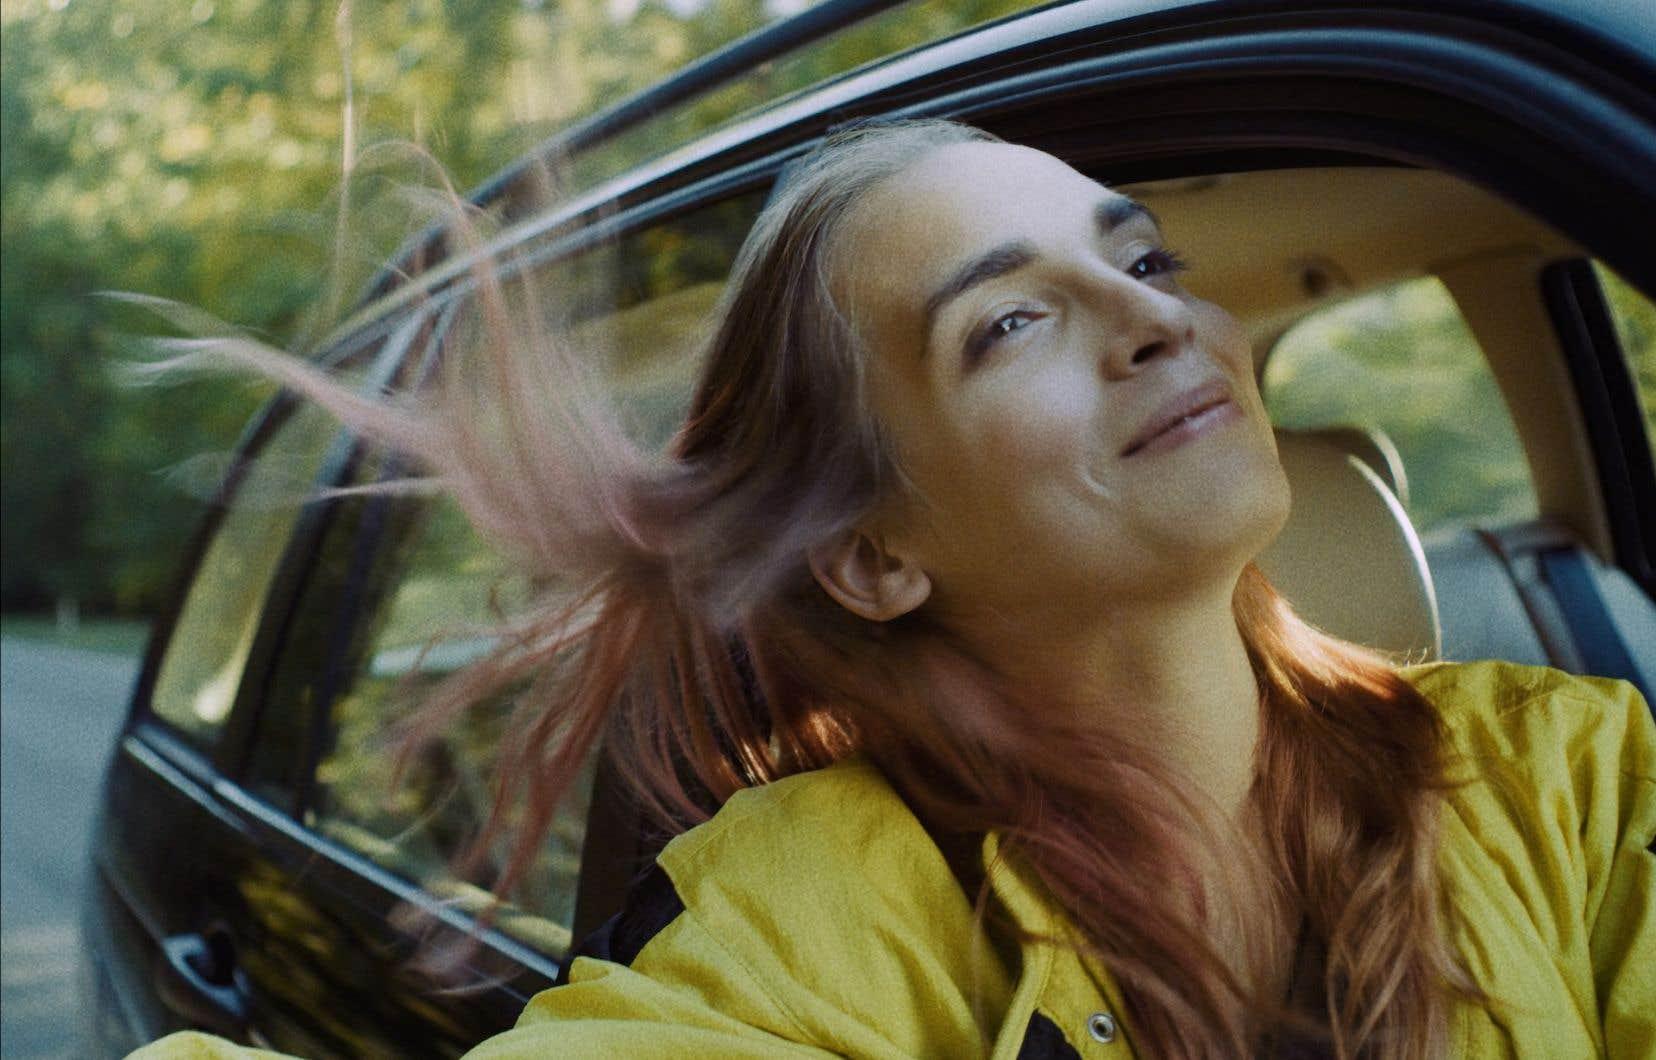 Le principal atout du film, dont elle est la révélation, est Mya Bollaers. Jeune femme trans dans la vie, elle offre une performance saisissante d'authenticité, et surtout de nuances   .